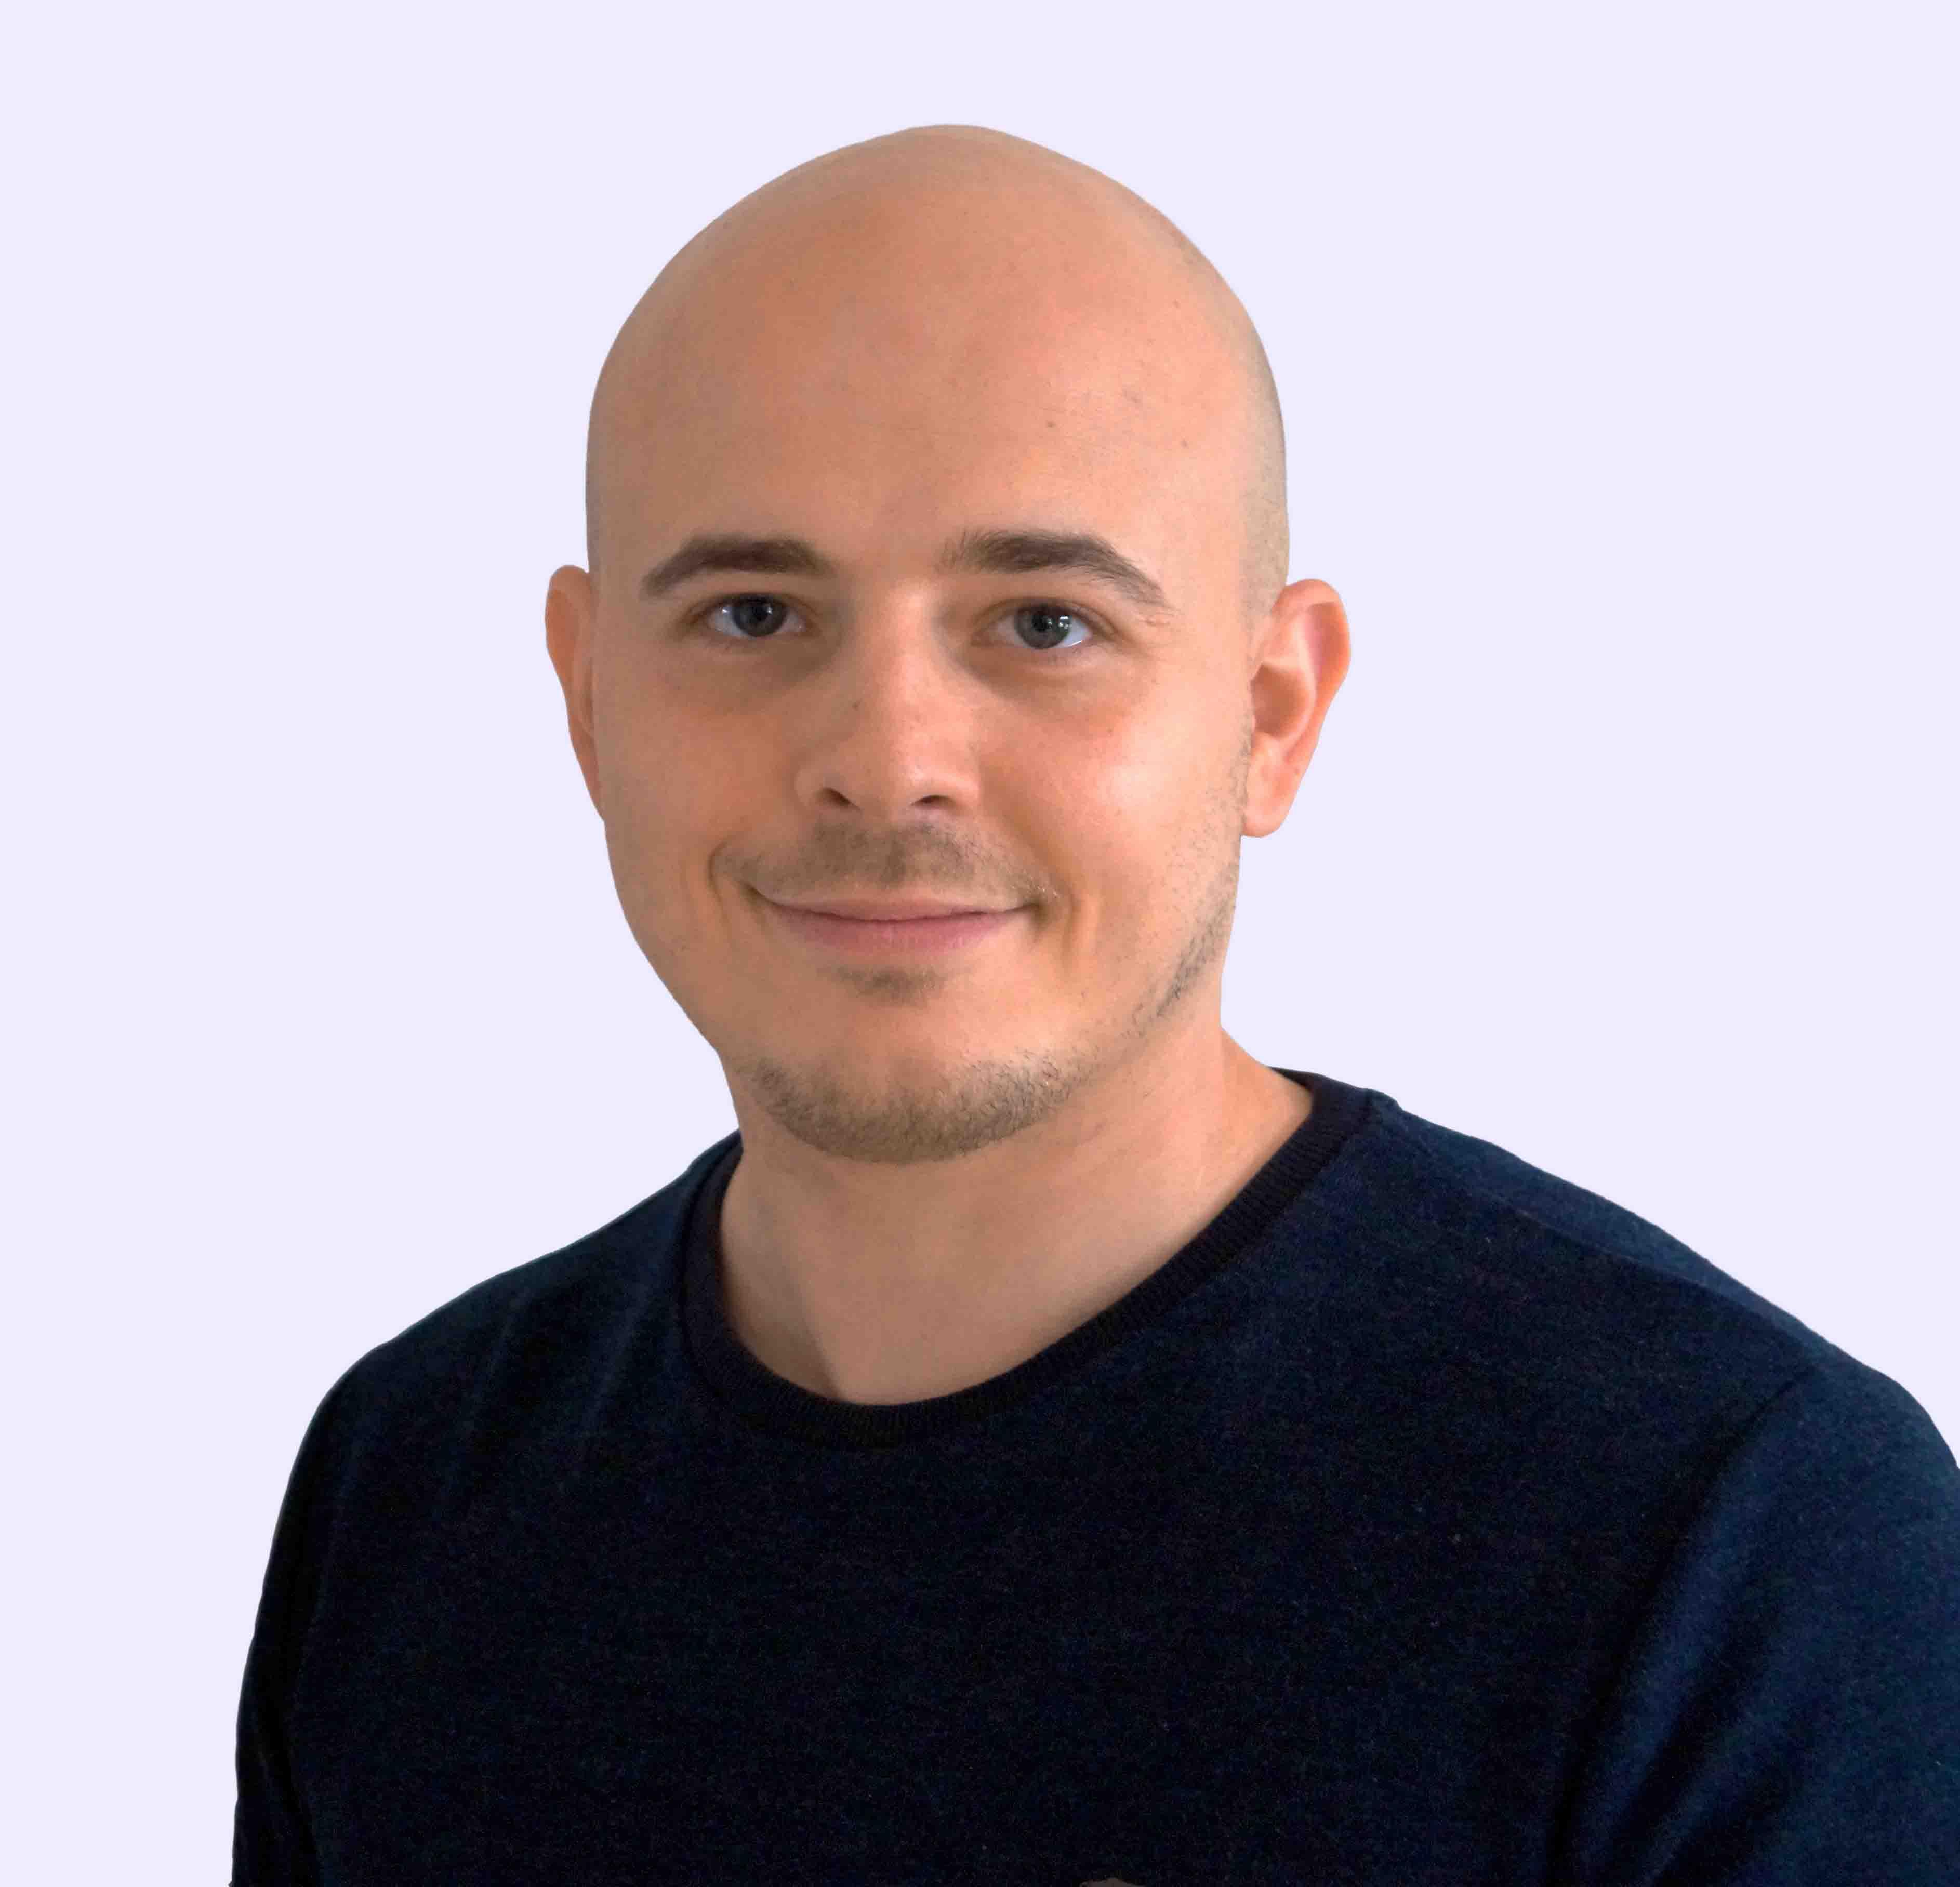 Mike Wichmann